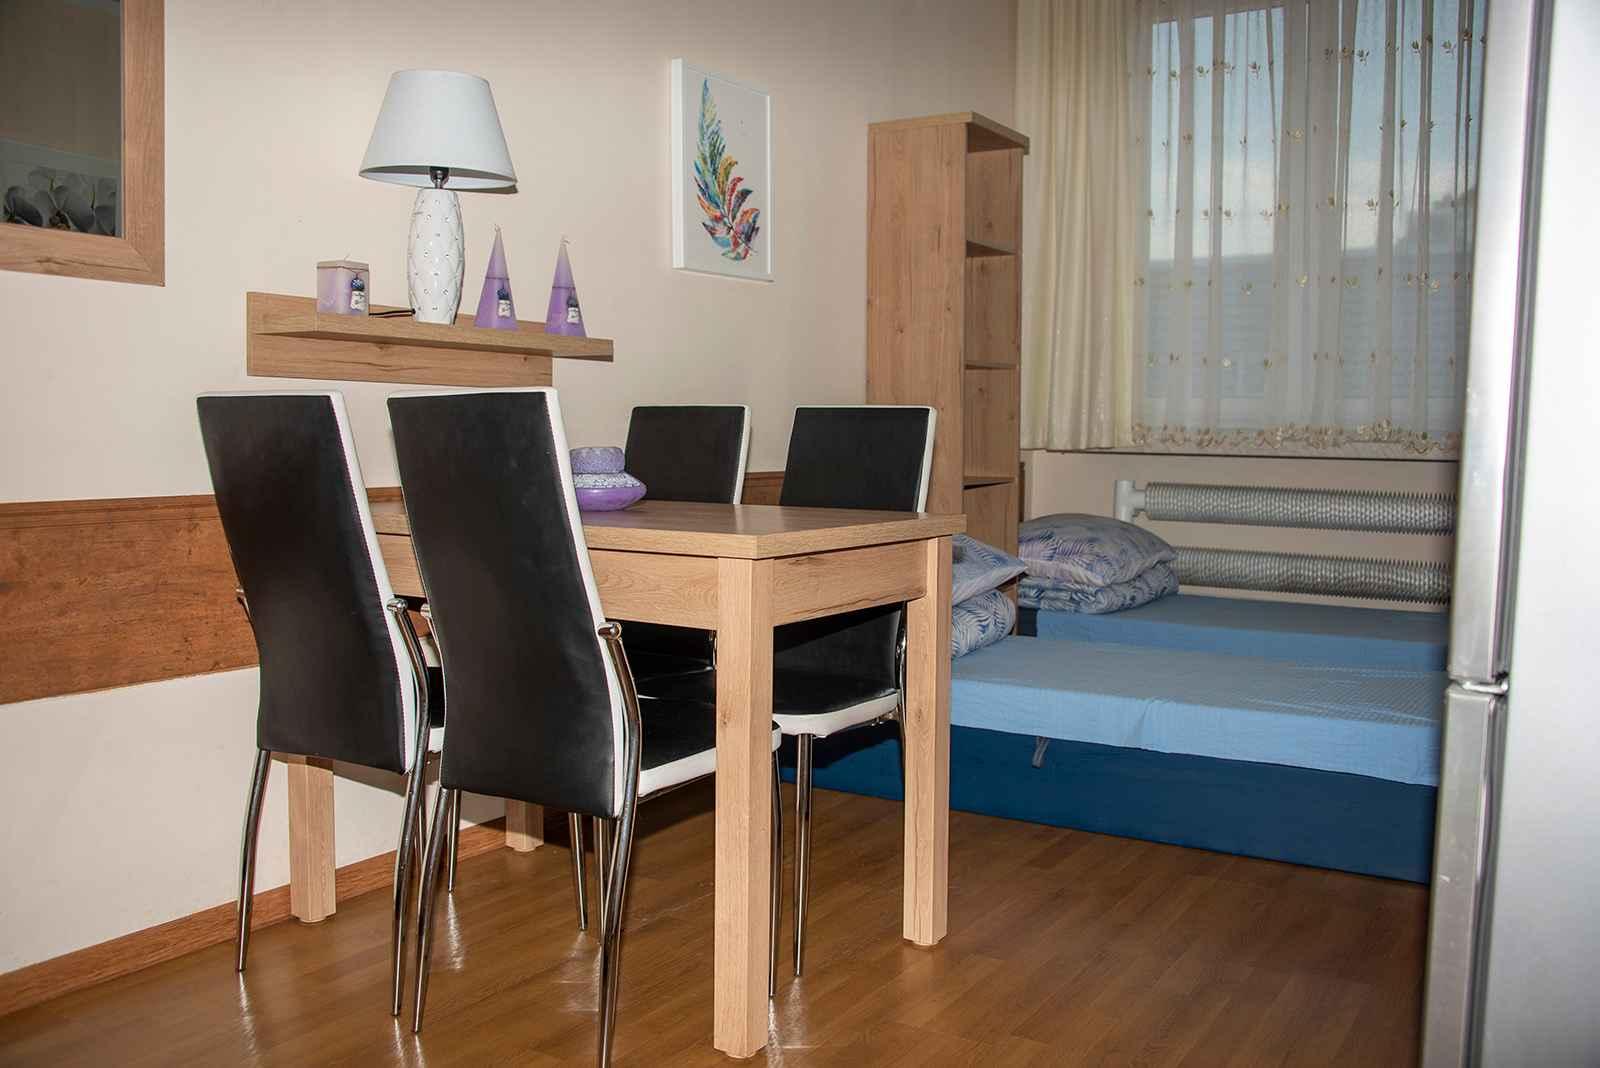 Noclegi Azyl Bielsko-Biała: pokoje dla obcokrajowców! Bielsko-Biała - zdjęcie 10